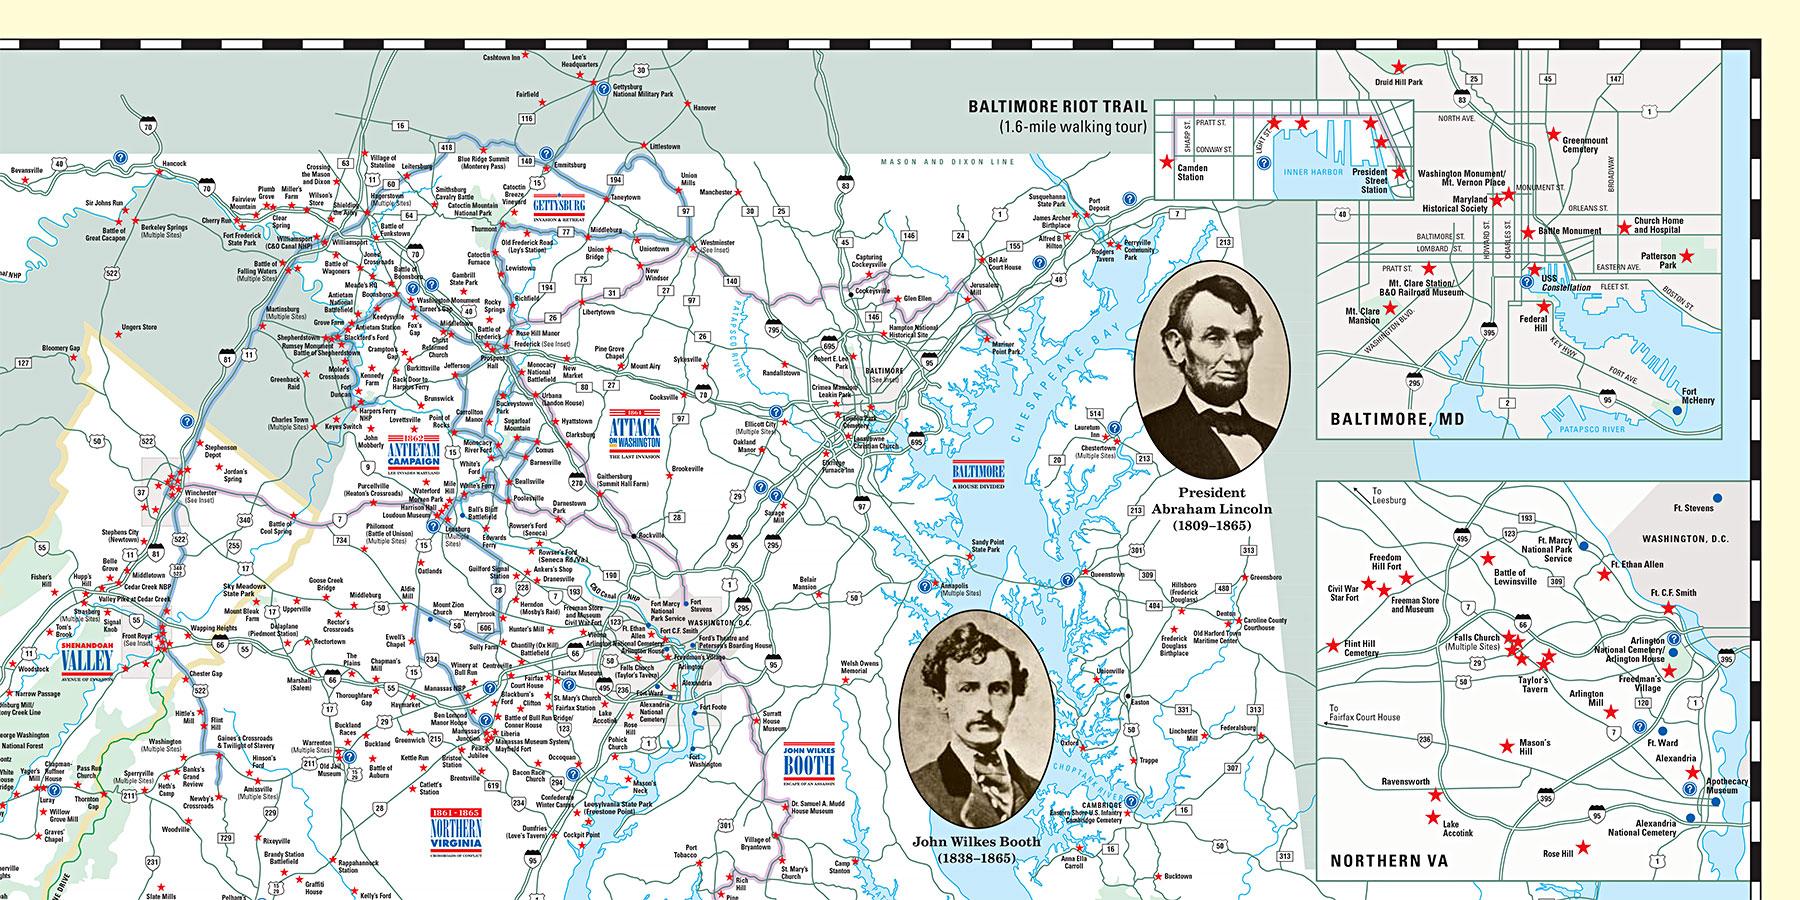 Map Detail - D.C. area